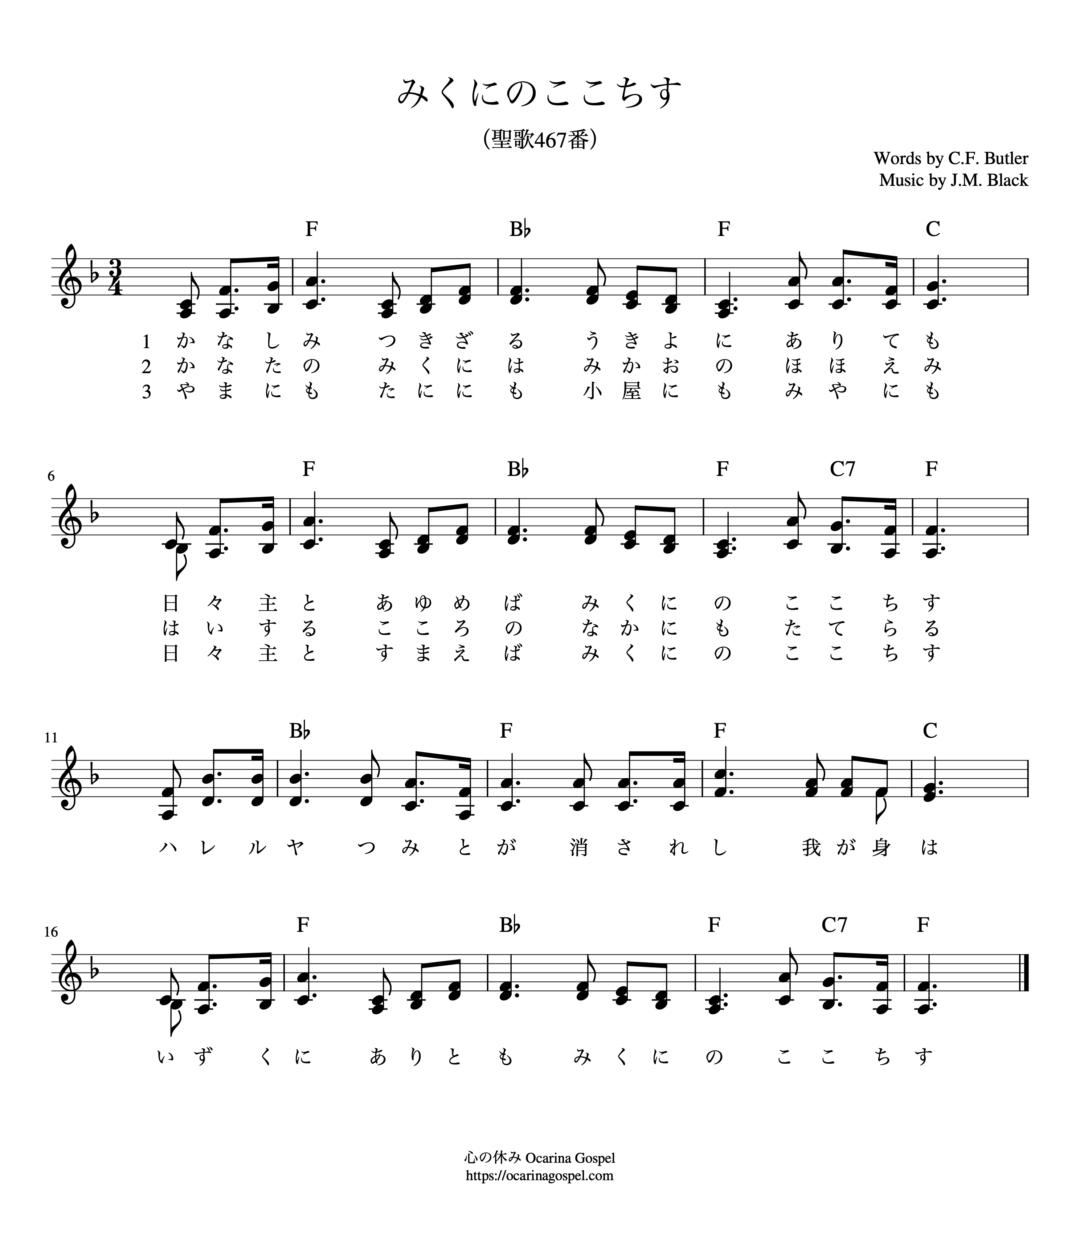 みくにのここちす 楽譜